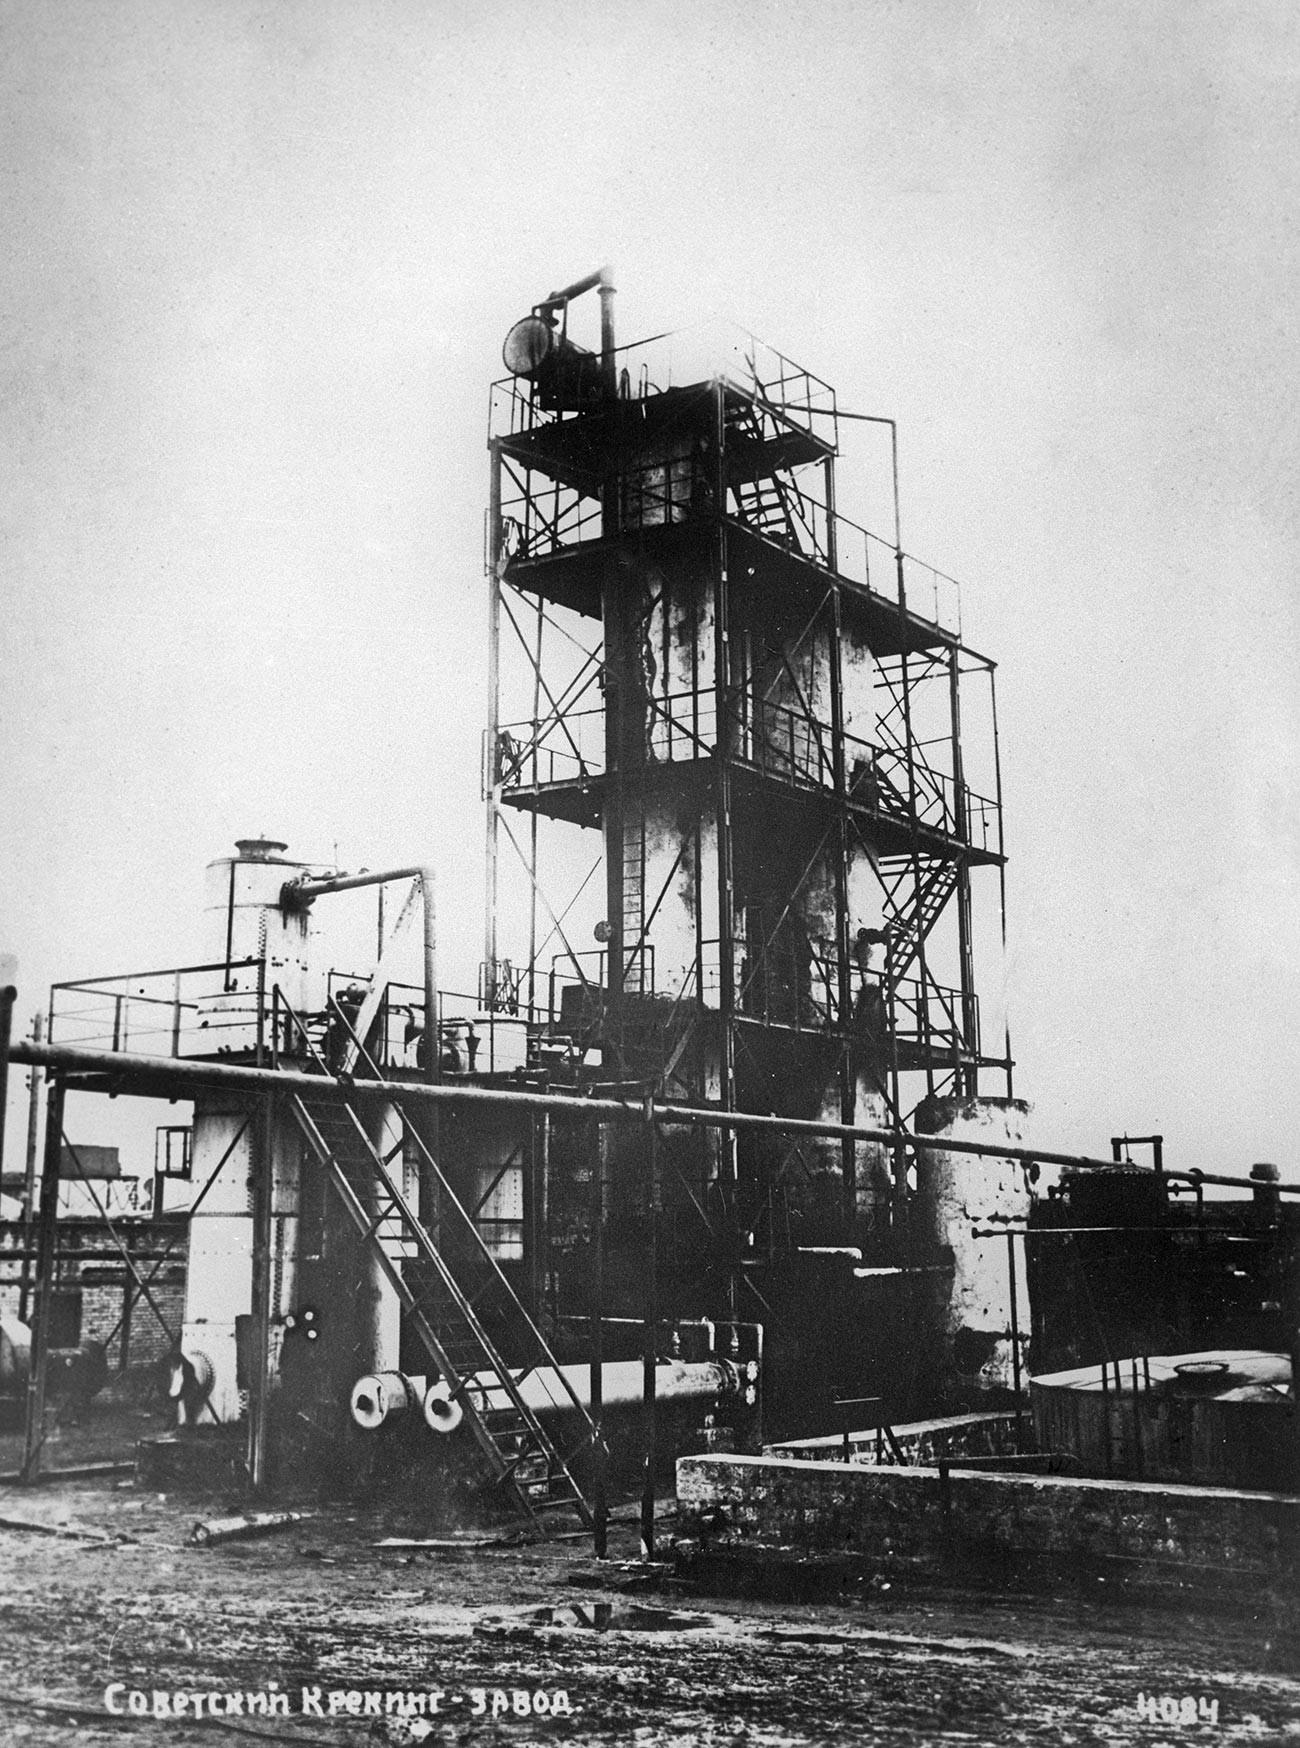 Installation tubulaire de craquage thermique du pétrole construite en utilisant la méthode de Choukhov. Bakou, URSS, 1934